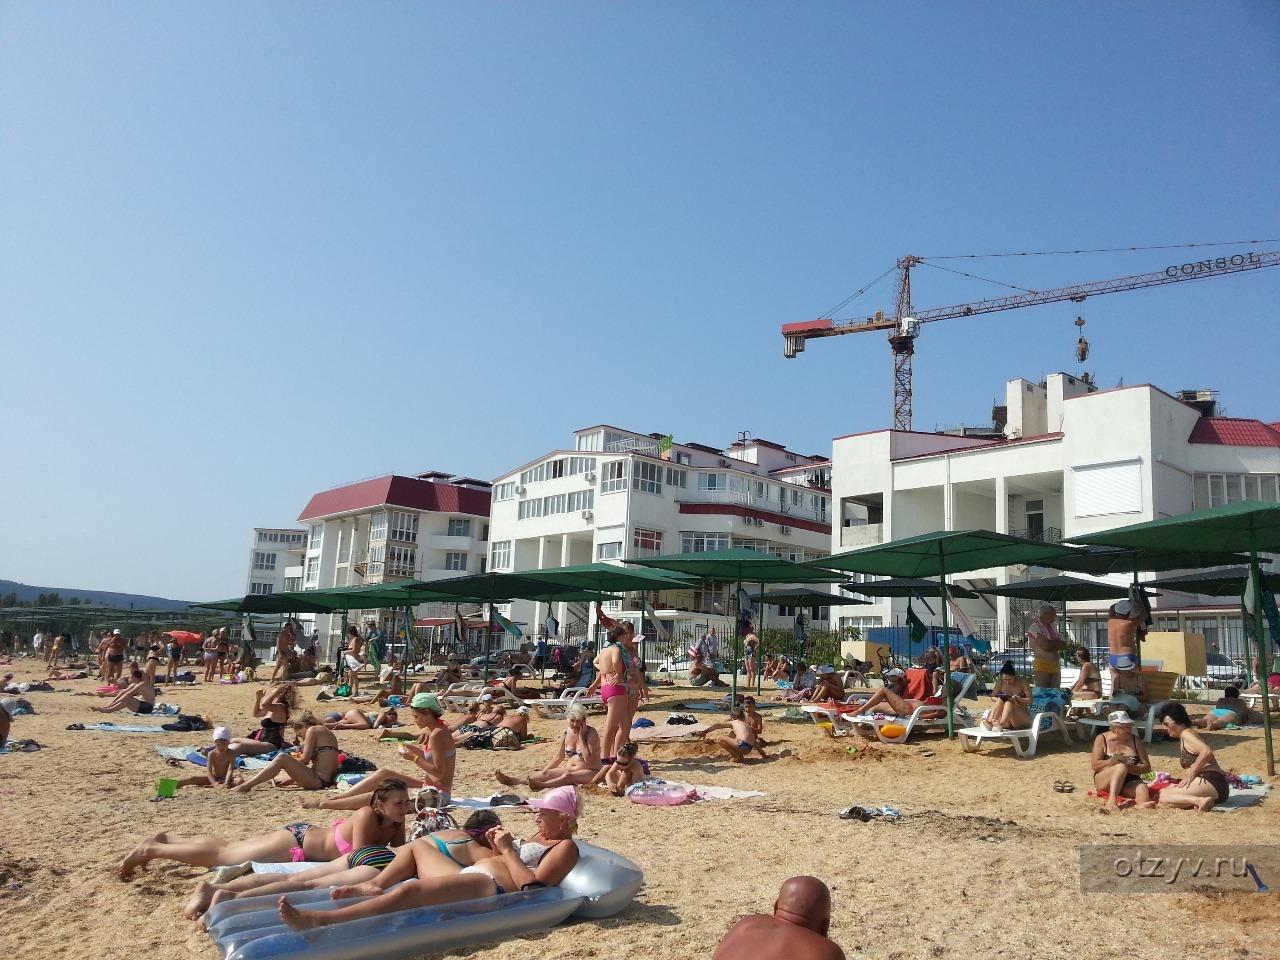 образует черноморское фото пляжей и набережной жилых помещениях предусмотрена